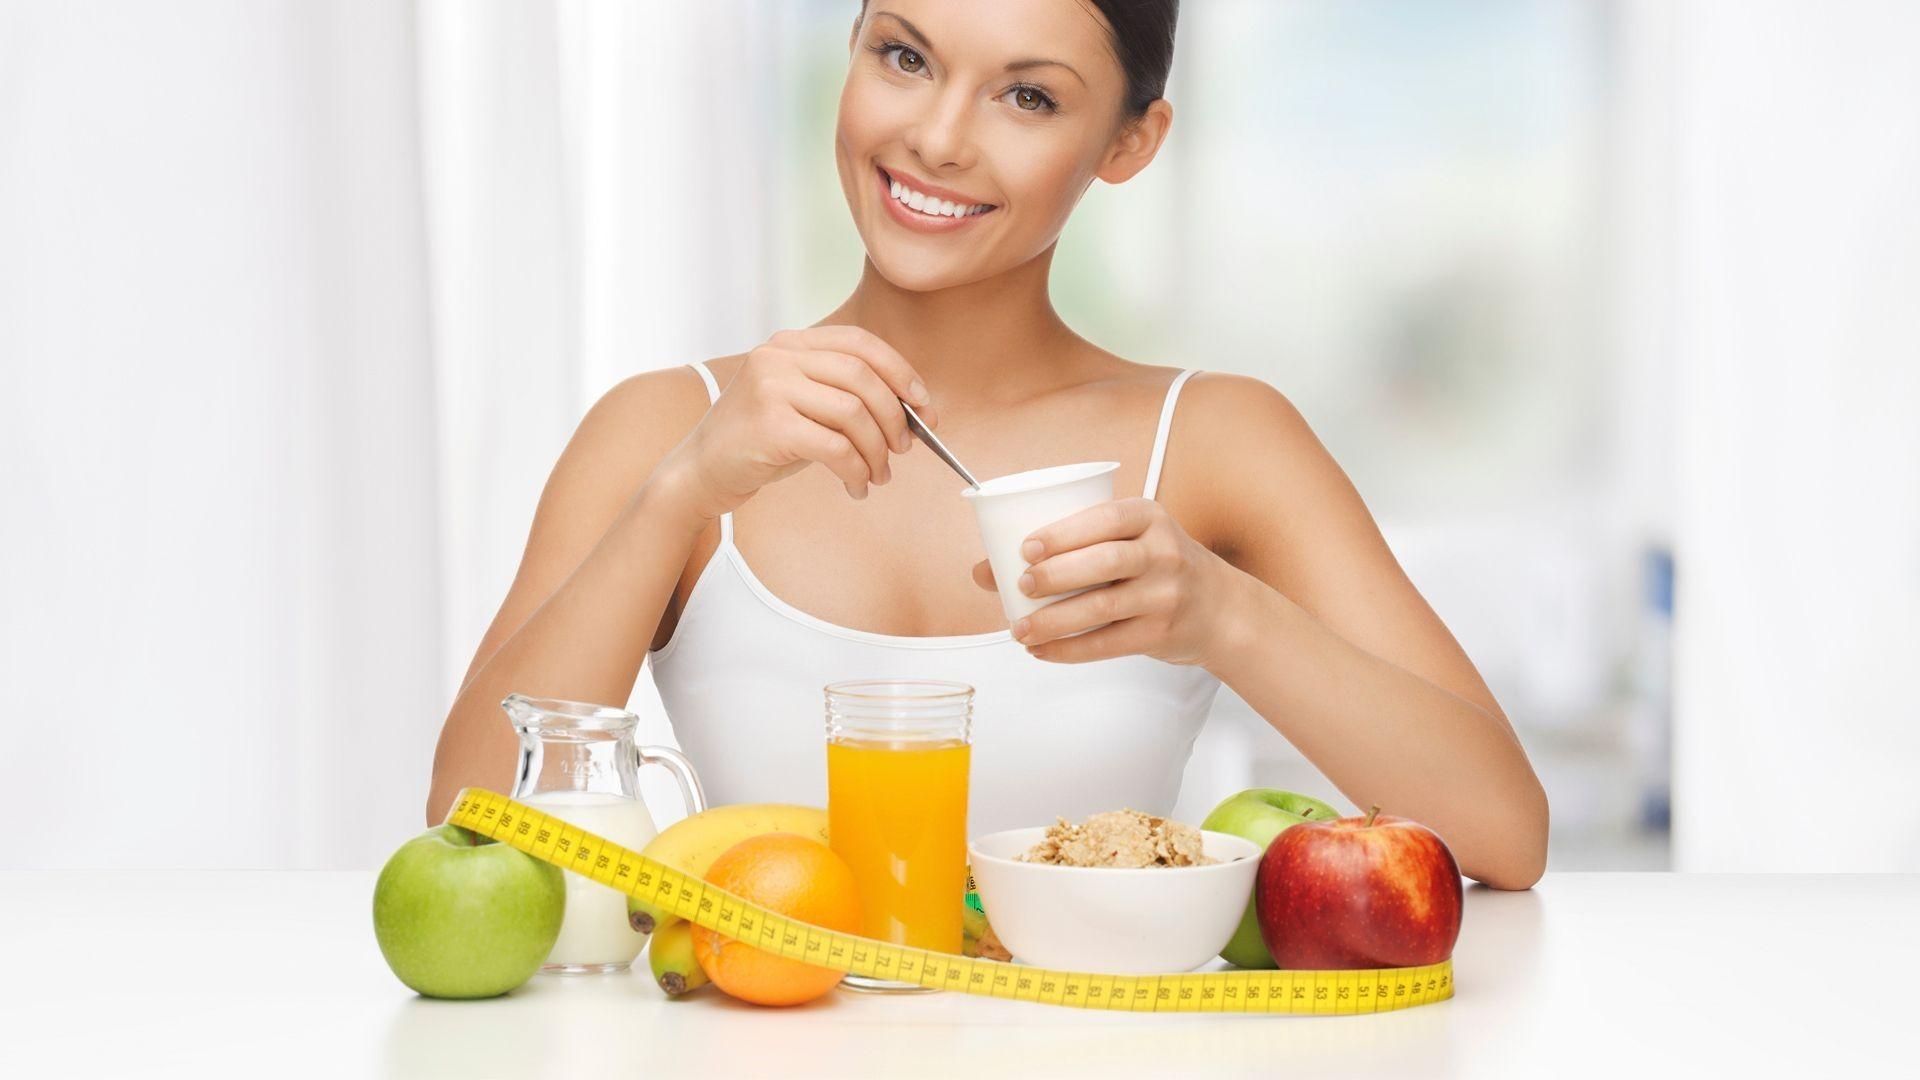 Asesoramiento nutricional en Urduliz